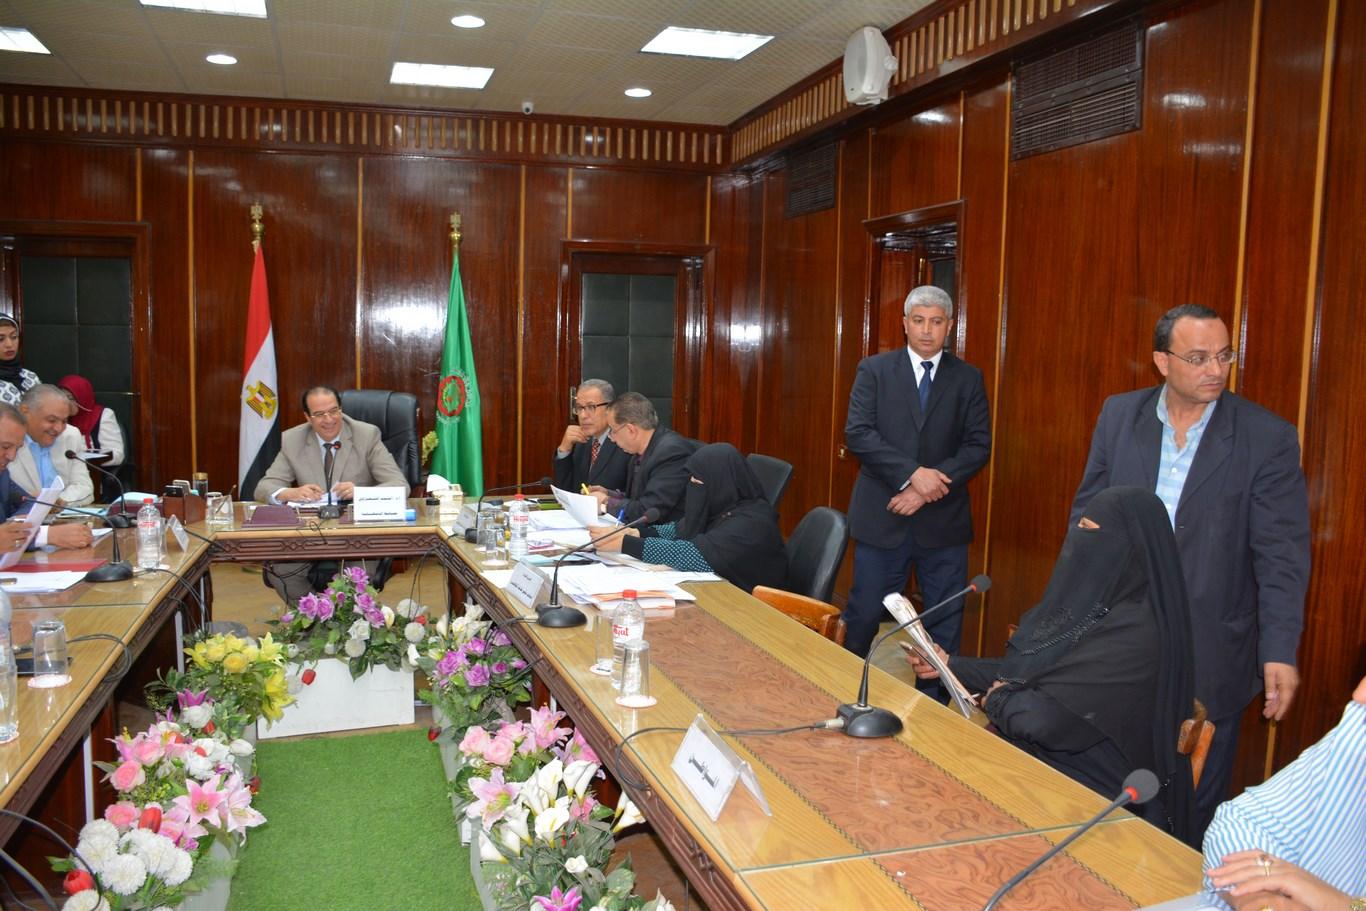 لقاء المحافظ بأعضاء الجهاز التنفيذي بالمحافظة (7)